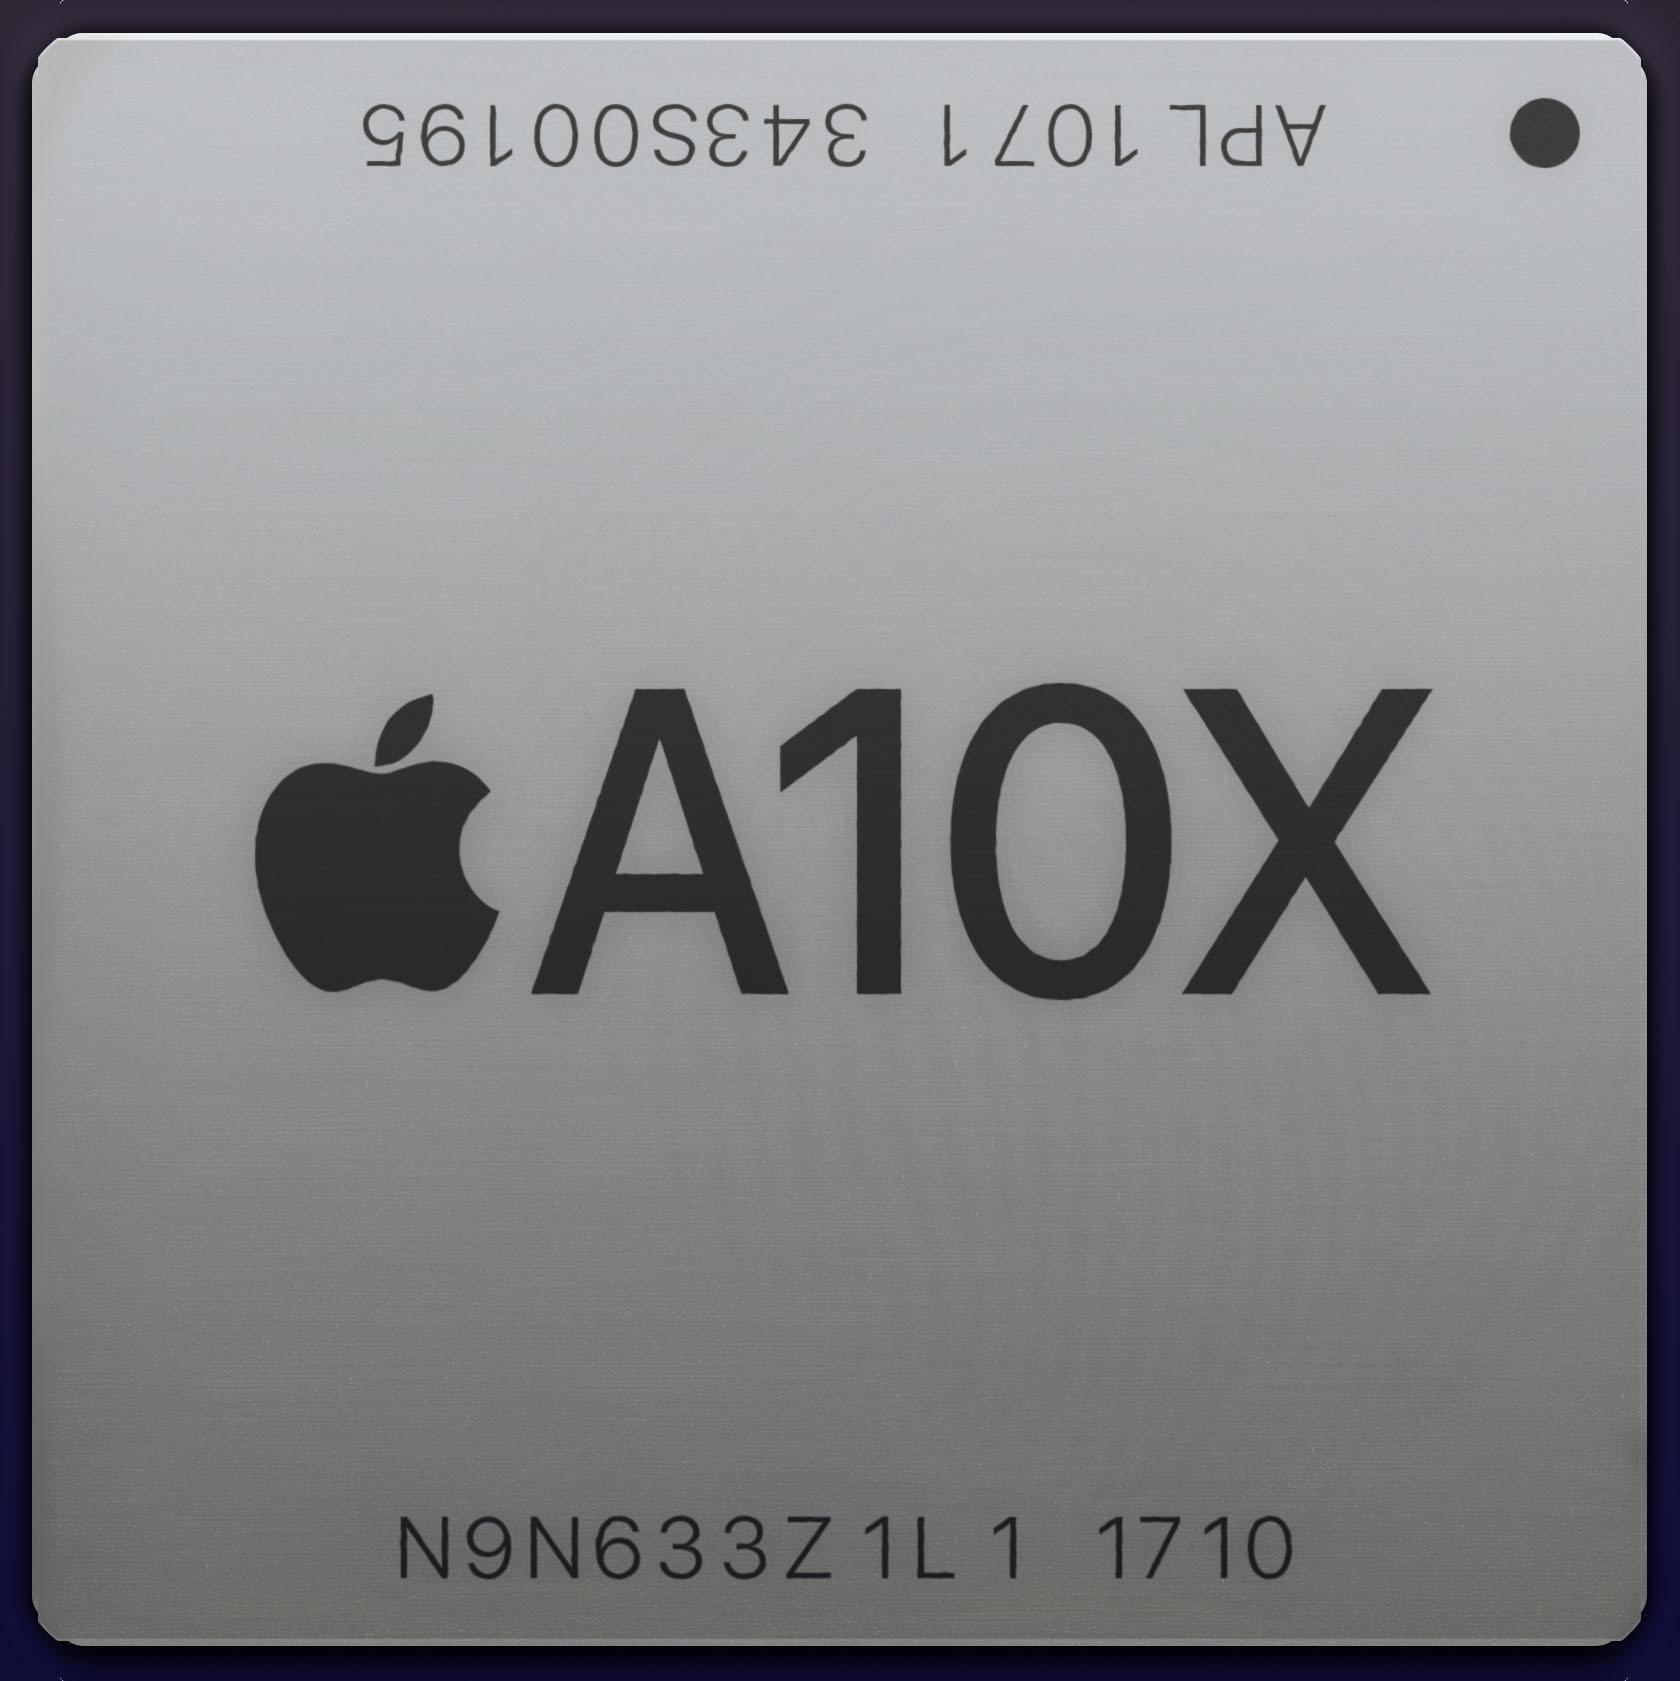 Apple A10X - Wikipedia